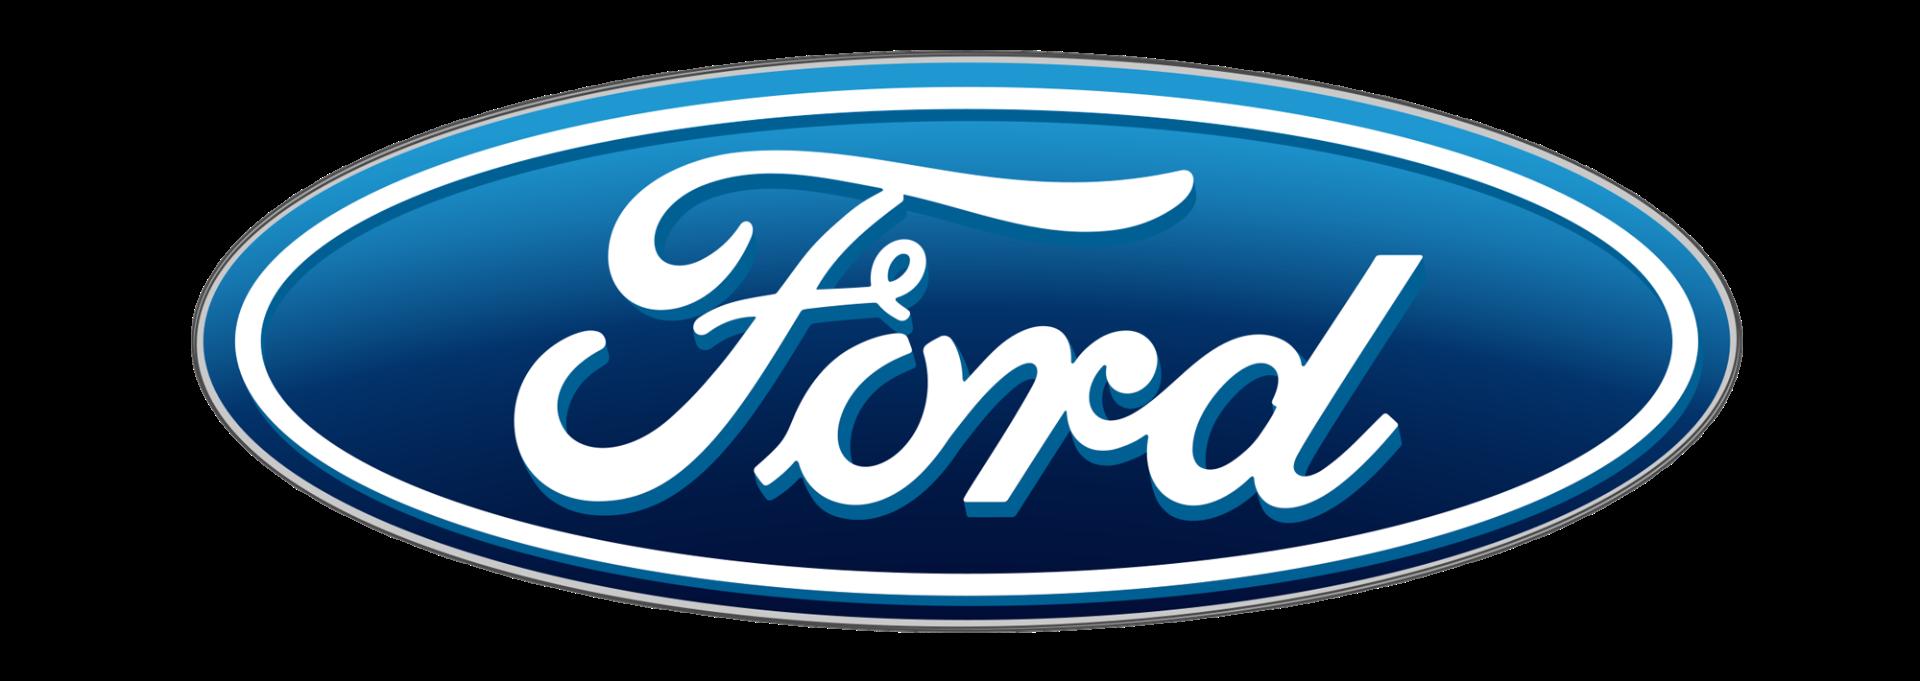 Pièces détachées Ford